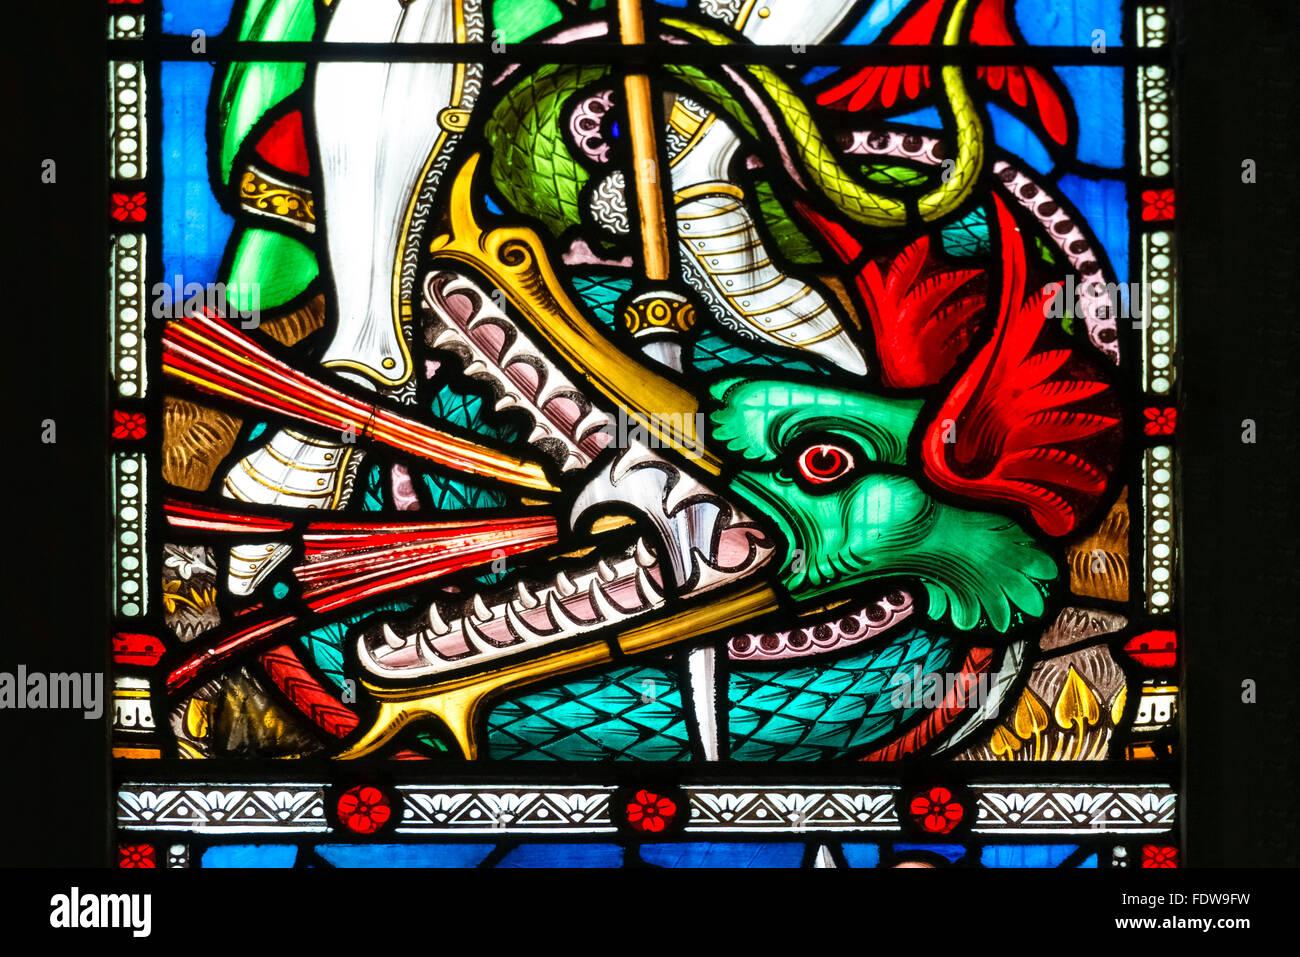 Finestra di vetro colorato all'interno della Cattedrale di Hereford, Regno Unito. Immagini Stock